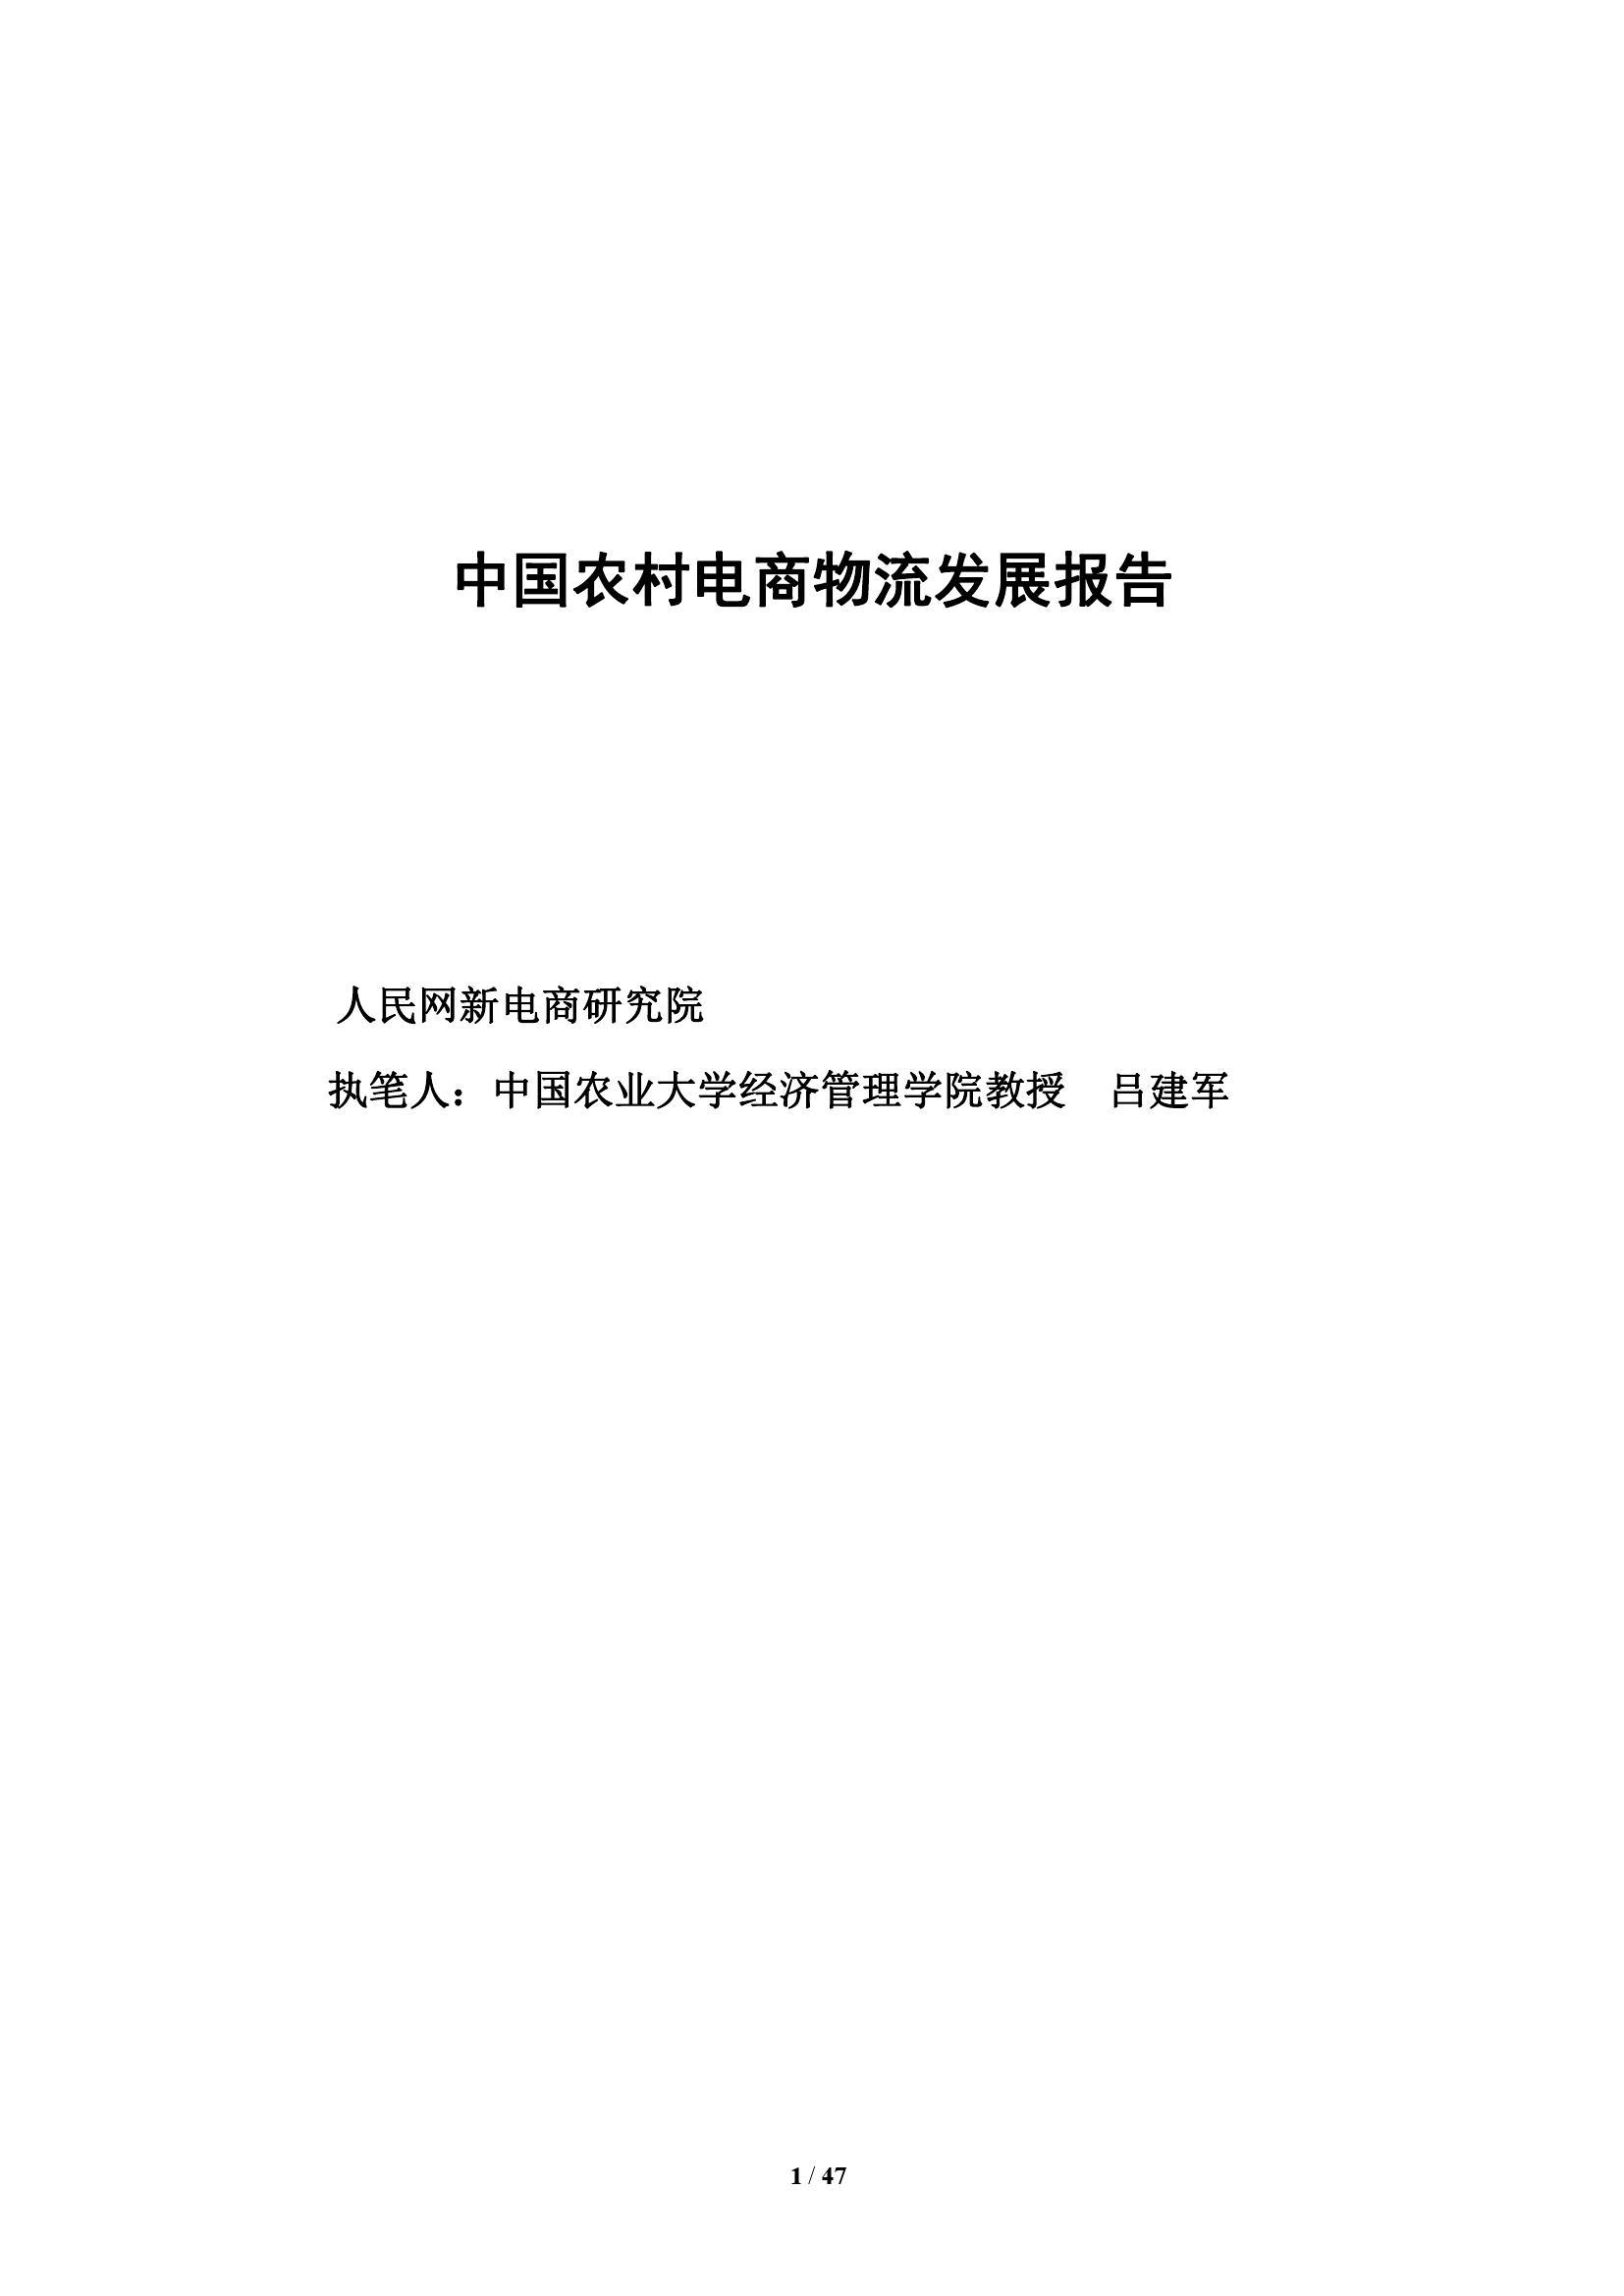 人民网新电商研究院:中国农村电商物流发展报告